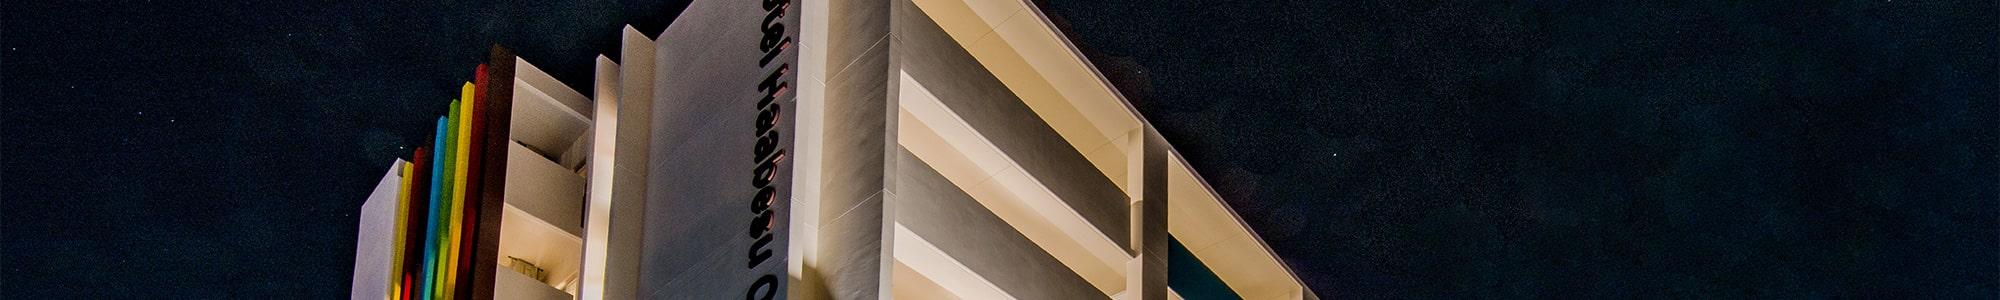 ホテルハーベスオキナ 公式ブログ